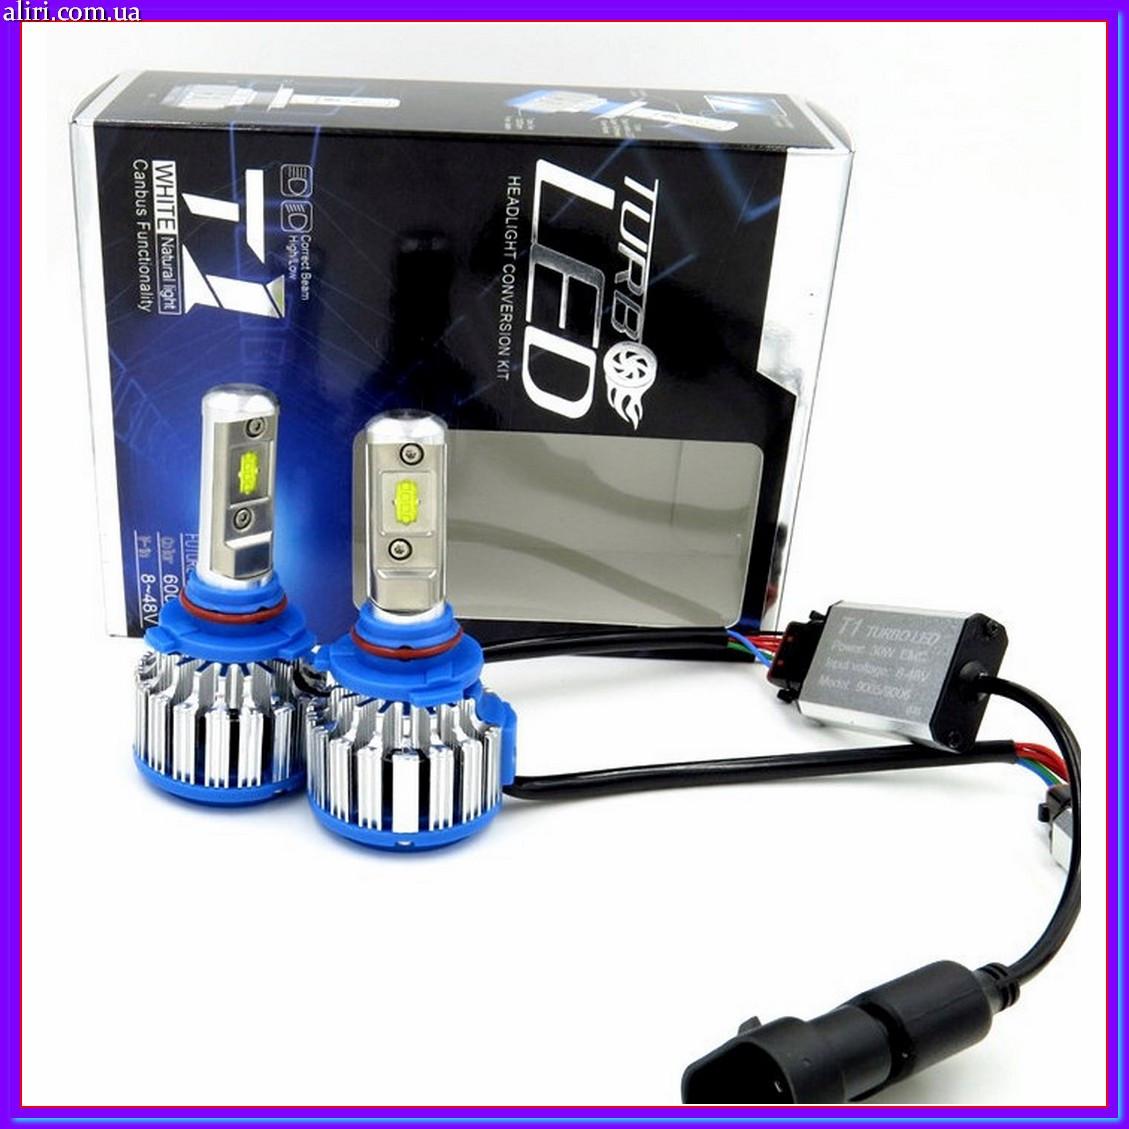 Led лампы для авто,Ксенон Xenon T1-H1 Turbo LED